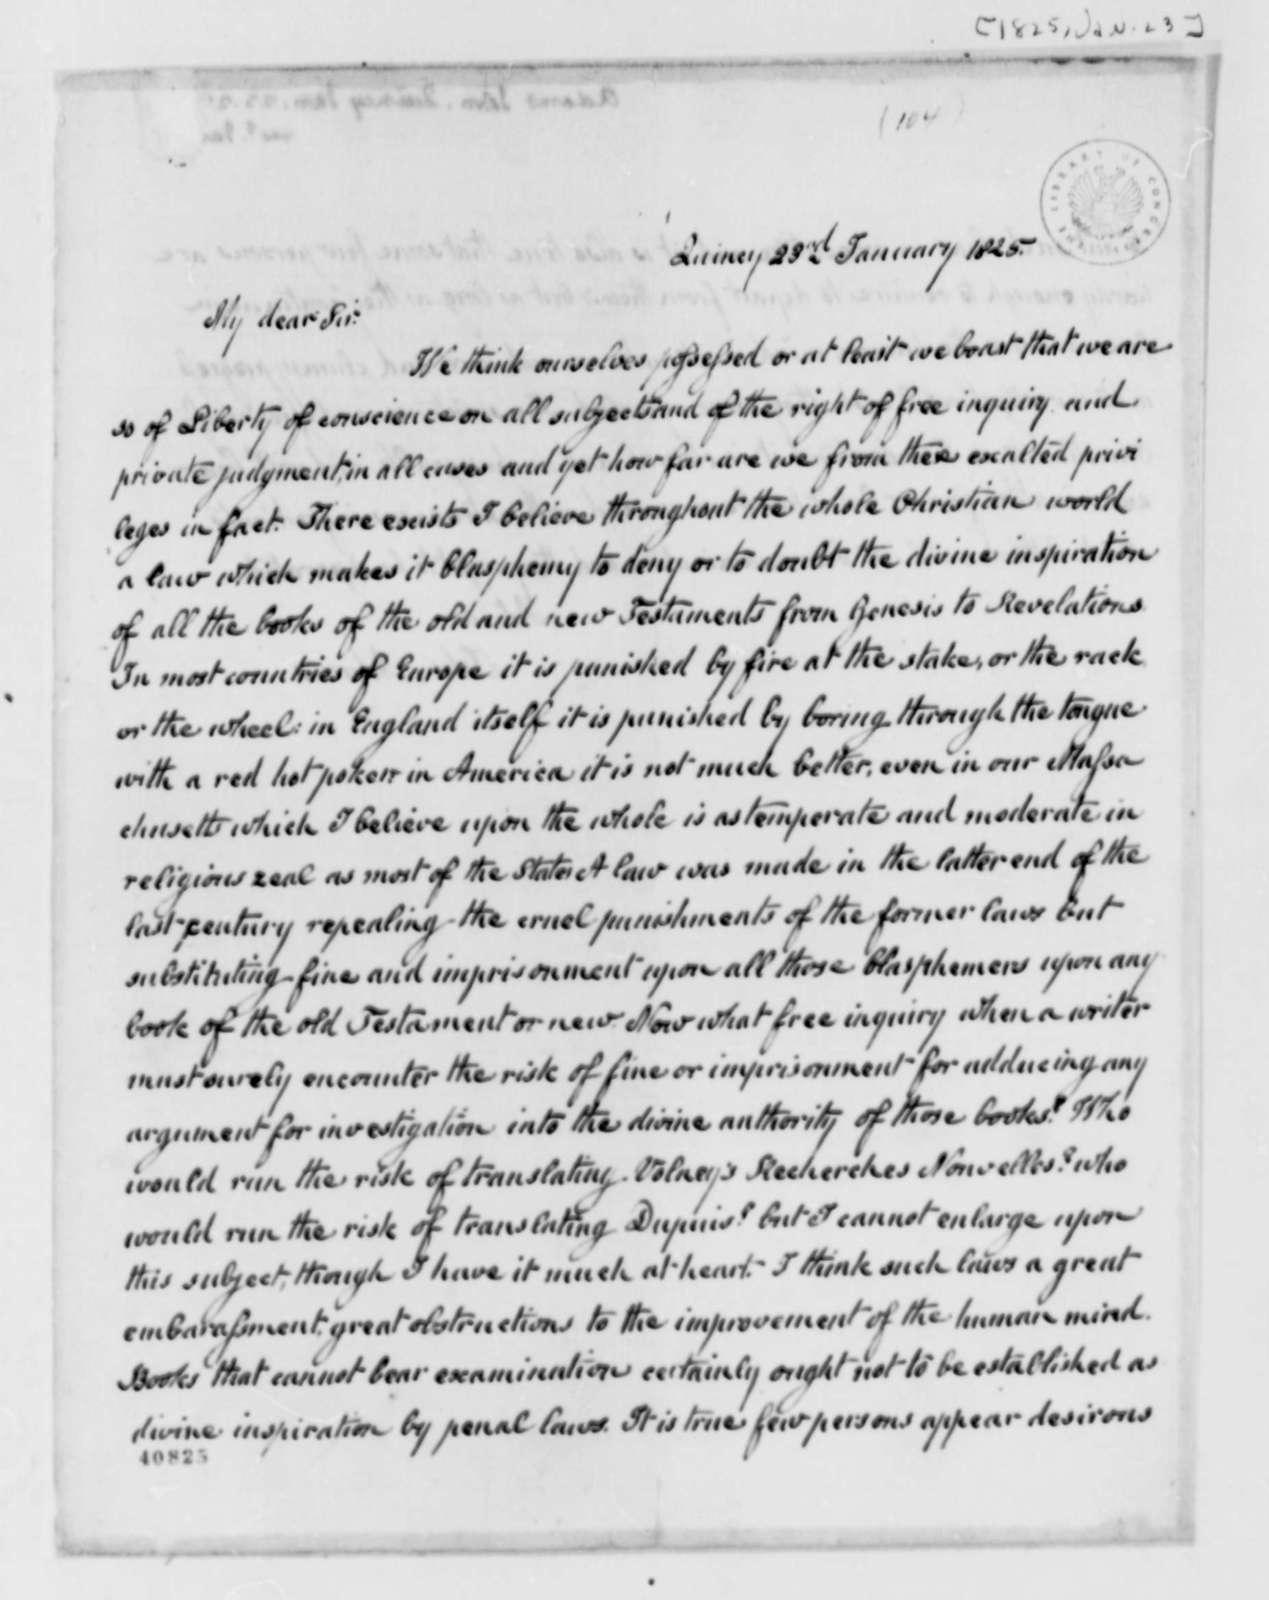 John Adams to Thomas Jefferson, January 23, 1825